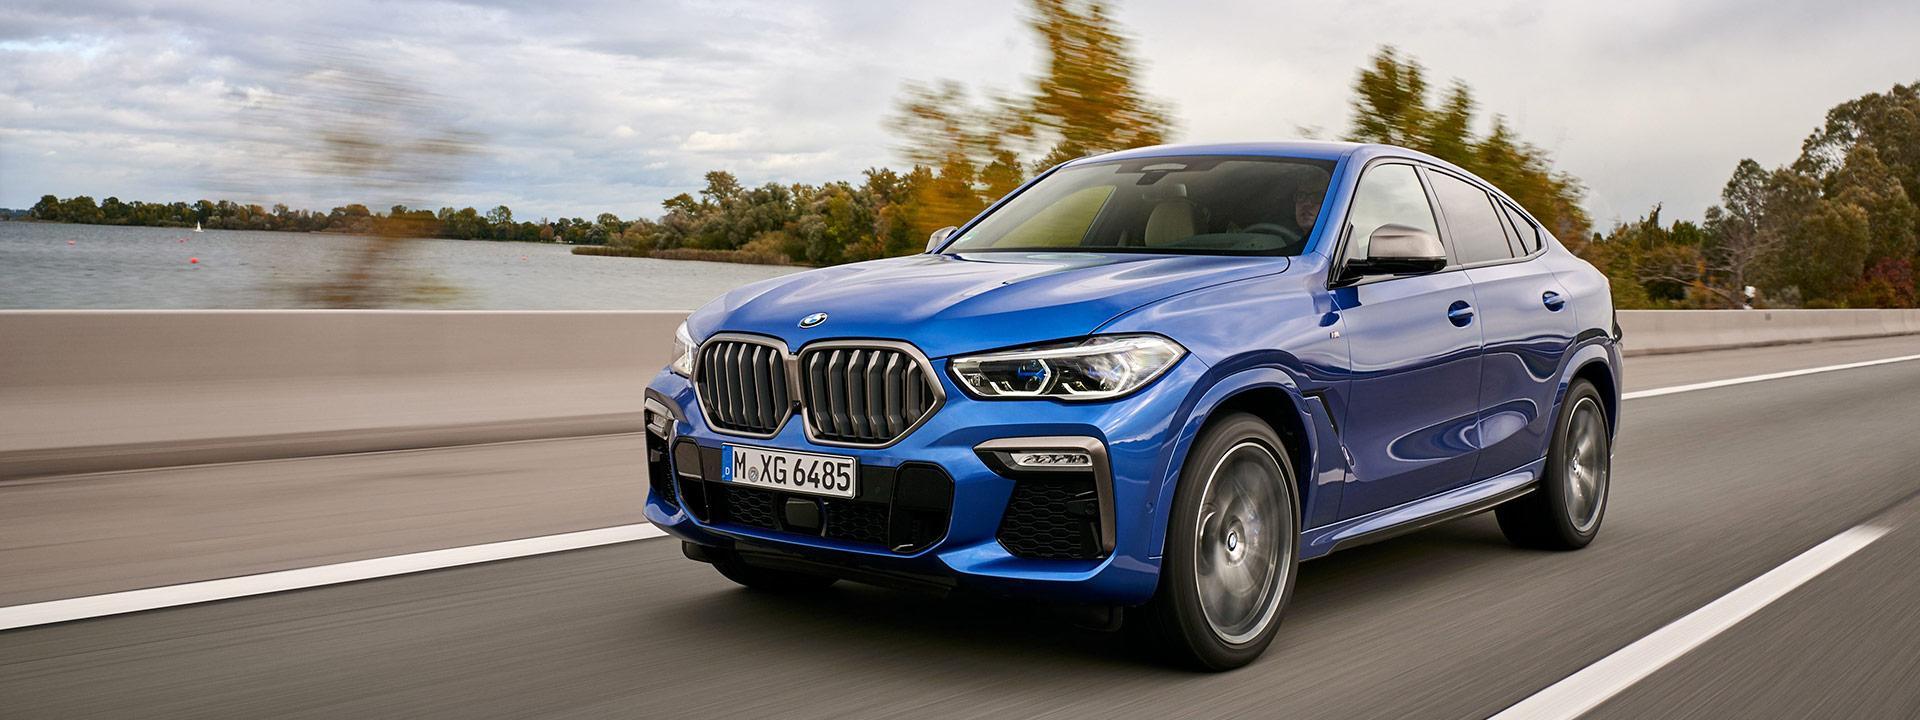 BMW X6 3-ГО ПОКОЛЕНИЯ ОСНАСТЯТ 4,4-ЛИТРОВЫМ АГРЕГАТОМ V8 НА 530 Л.С.